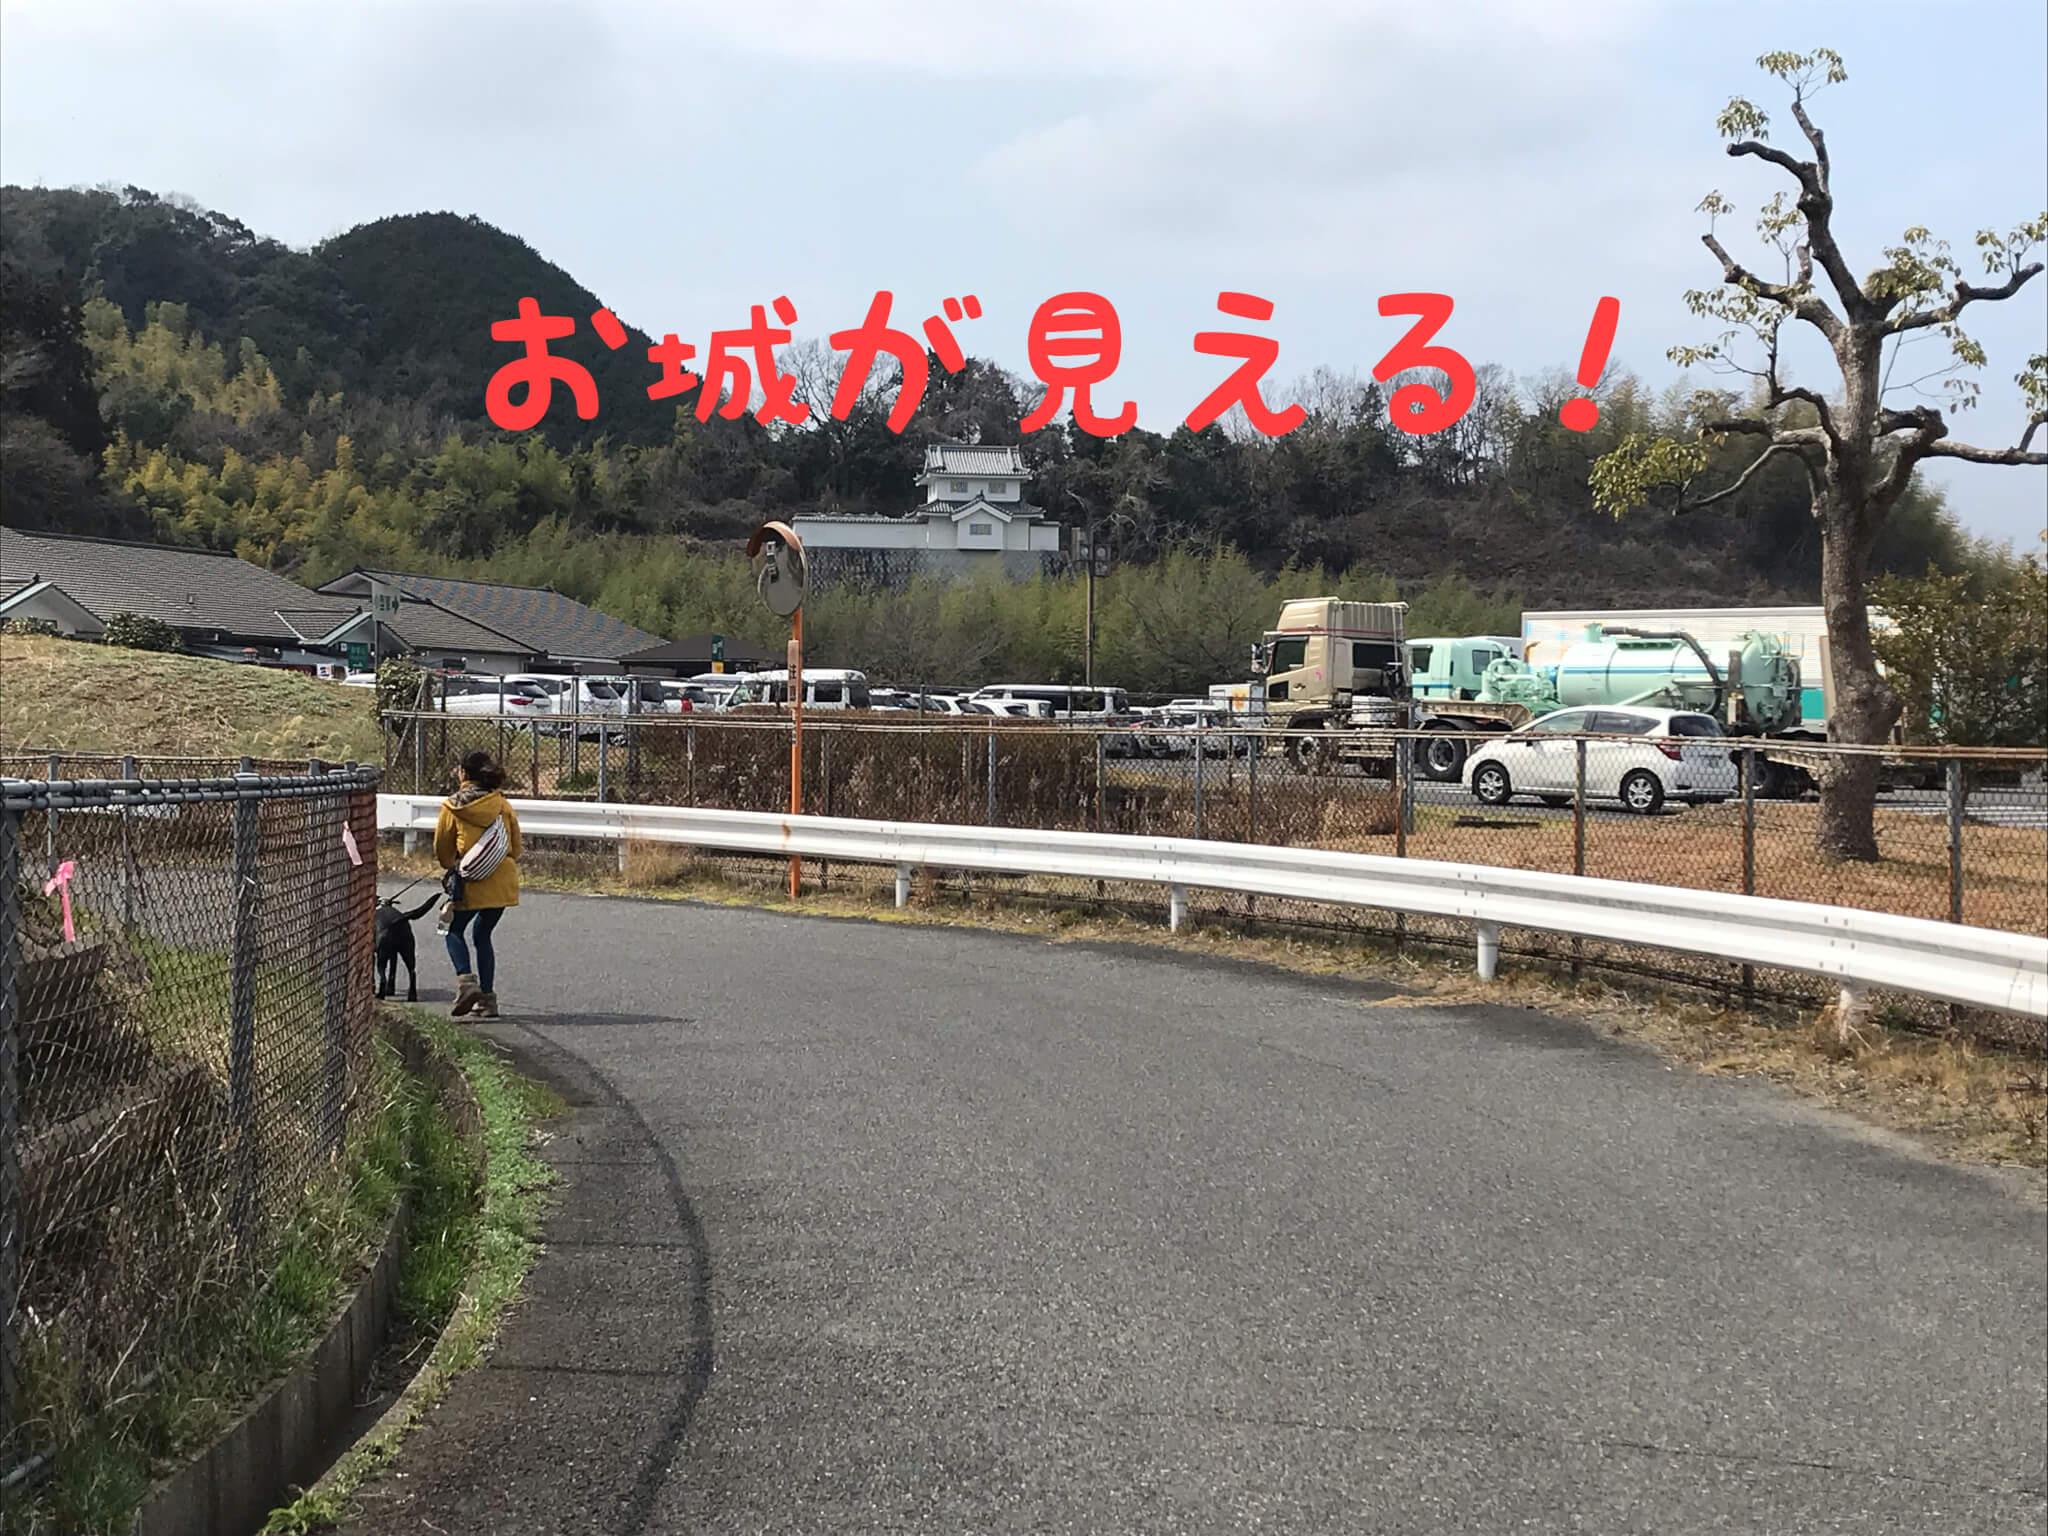 お城が見える 岸和田サービスエリア(下り)